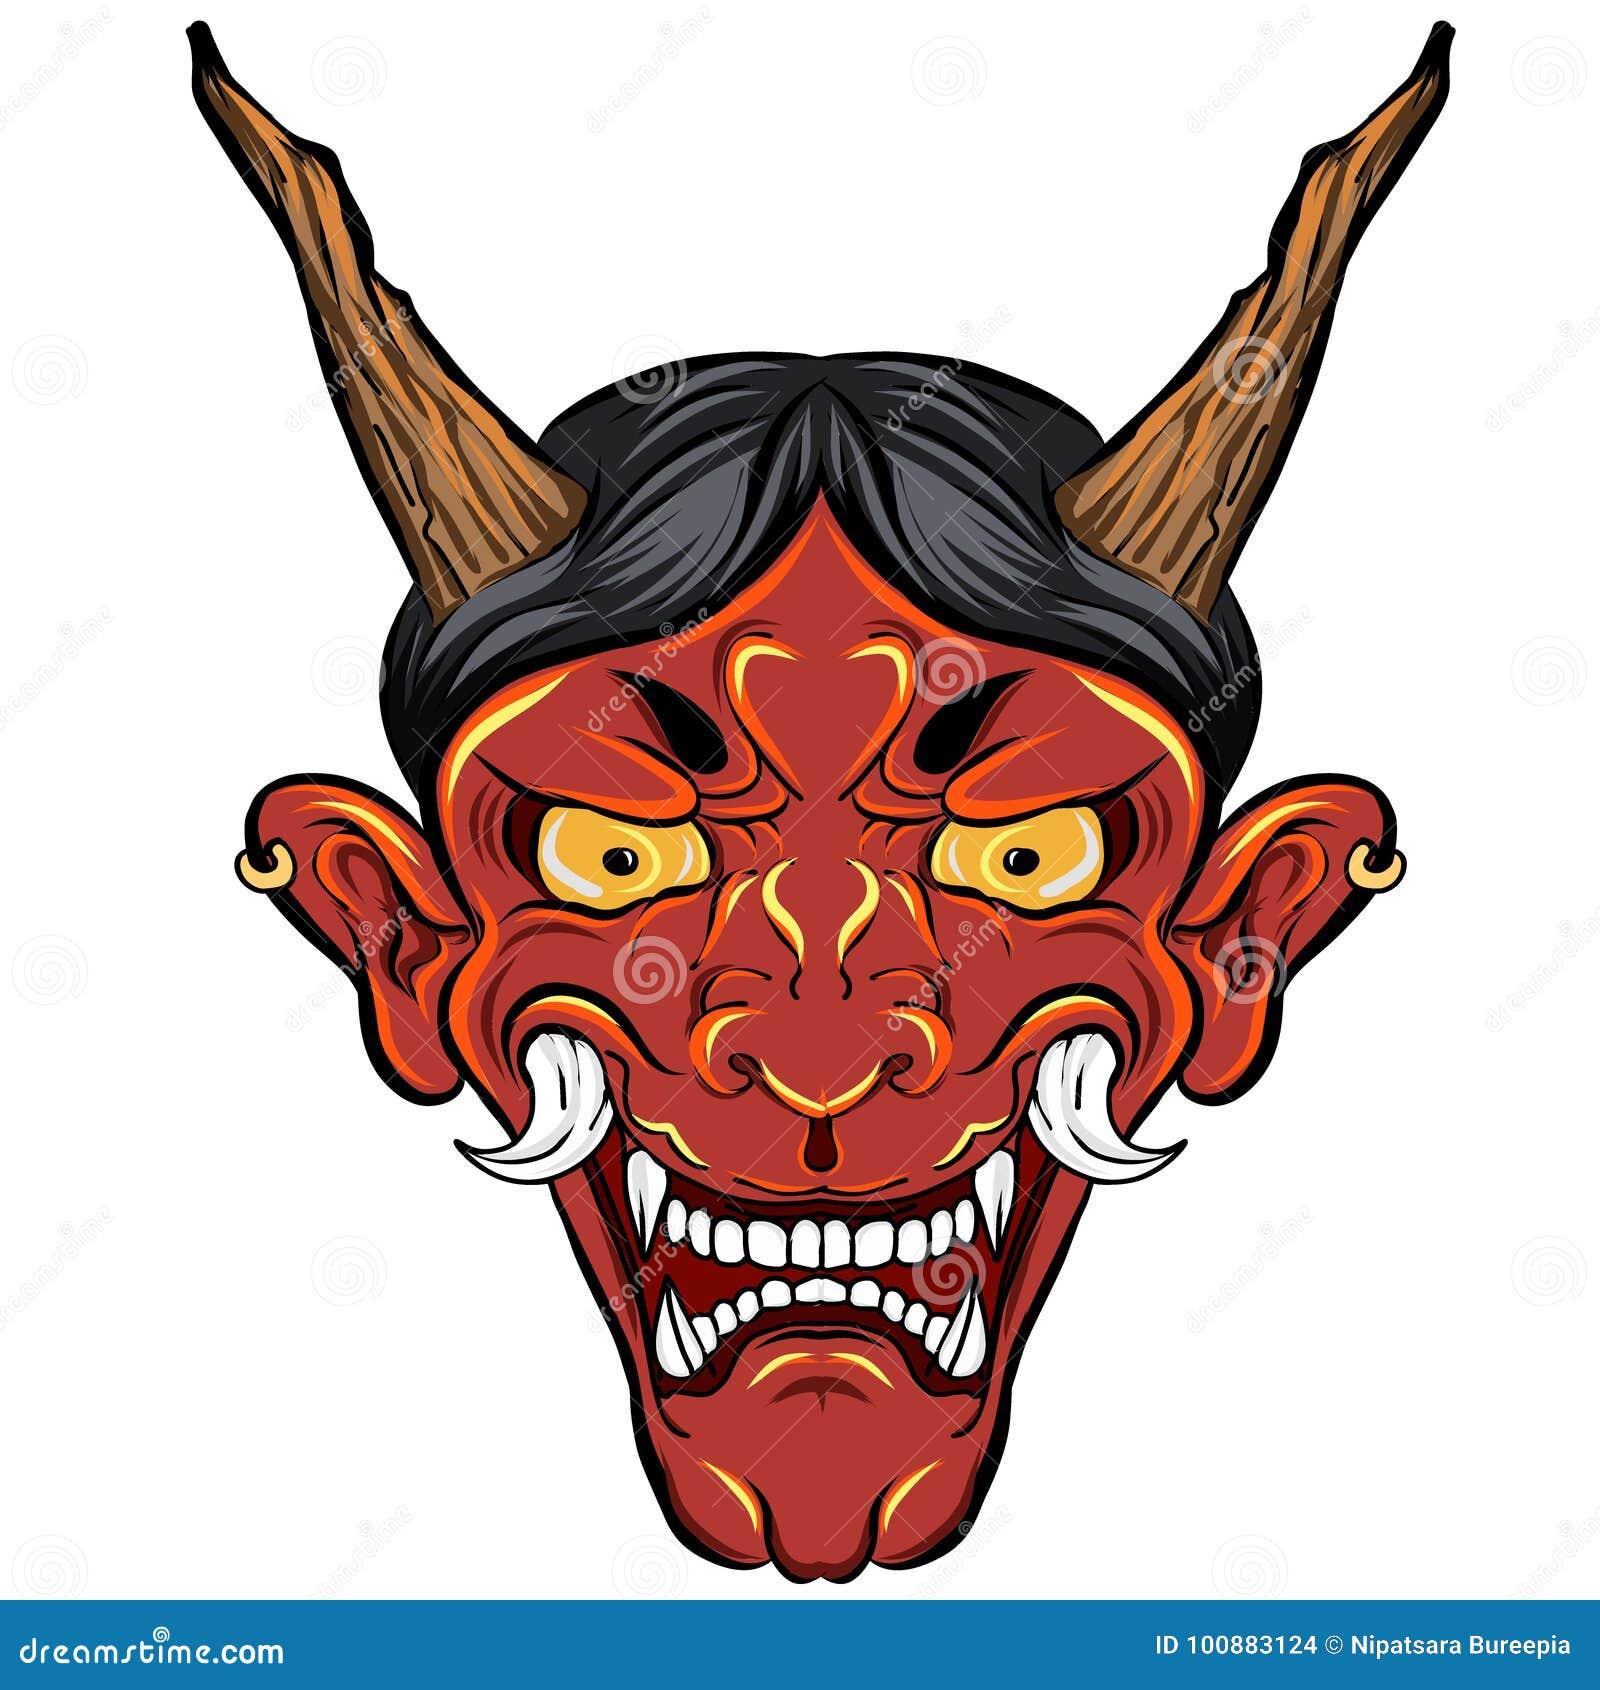 Tatuaje Japonés De La Máscara Del Demonio Para El Brazo La Máscara